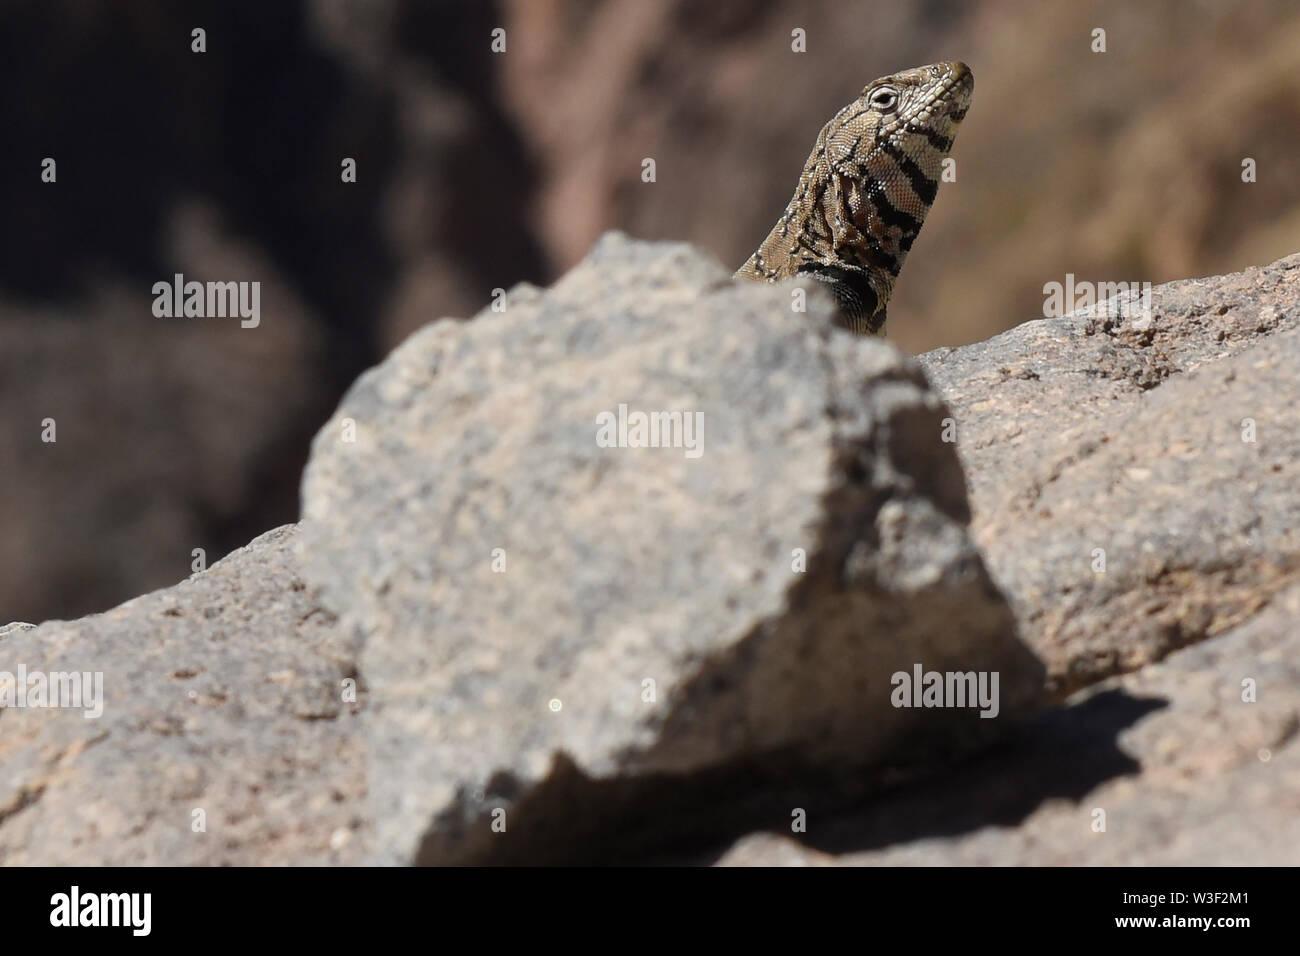 Lizard peeking out, Colca Canyon, Chivay, Peru - Stock Image